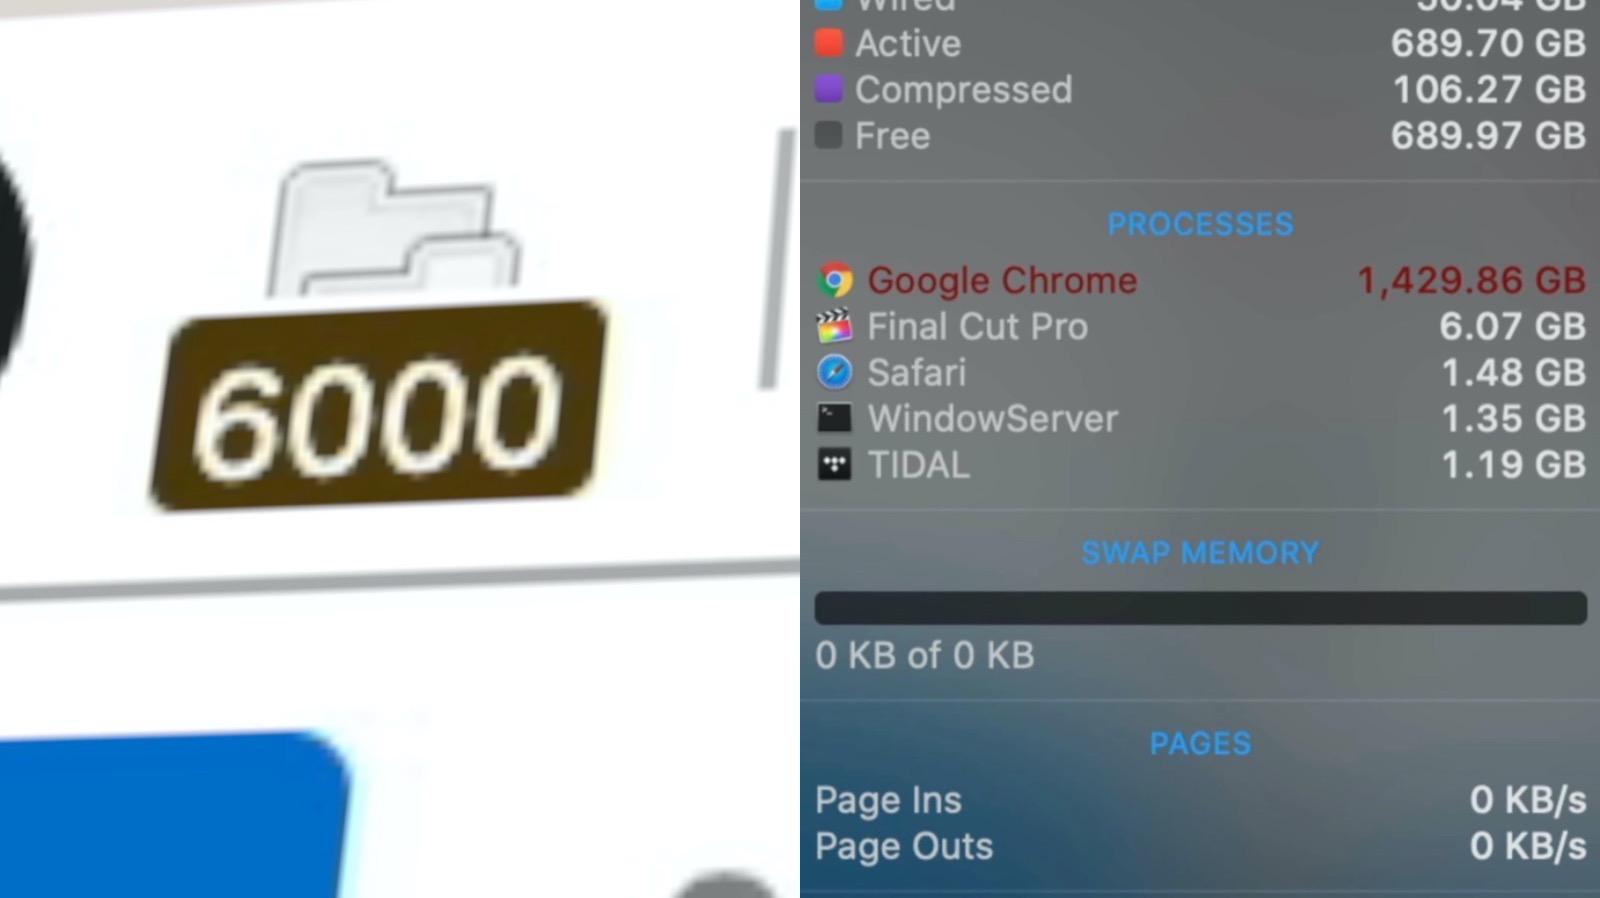 MacPro vs 1 5GB of RAM